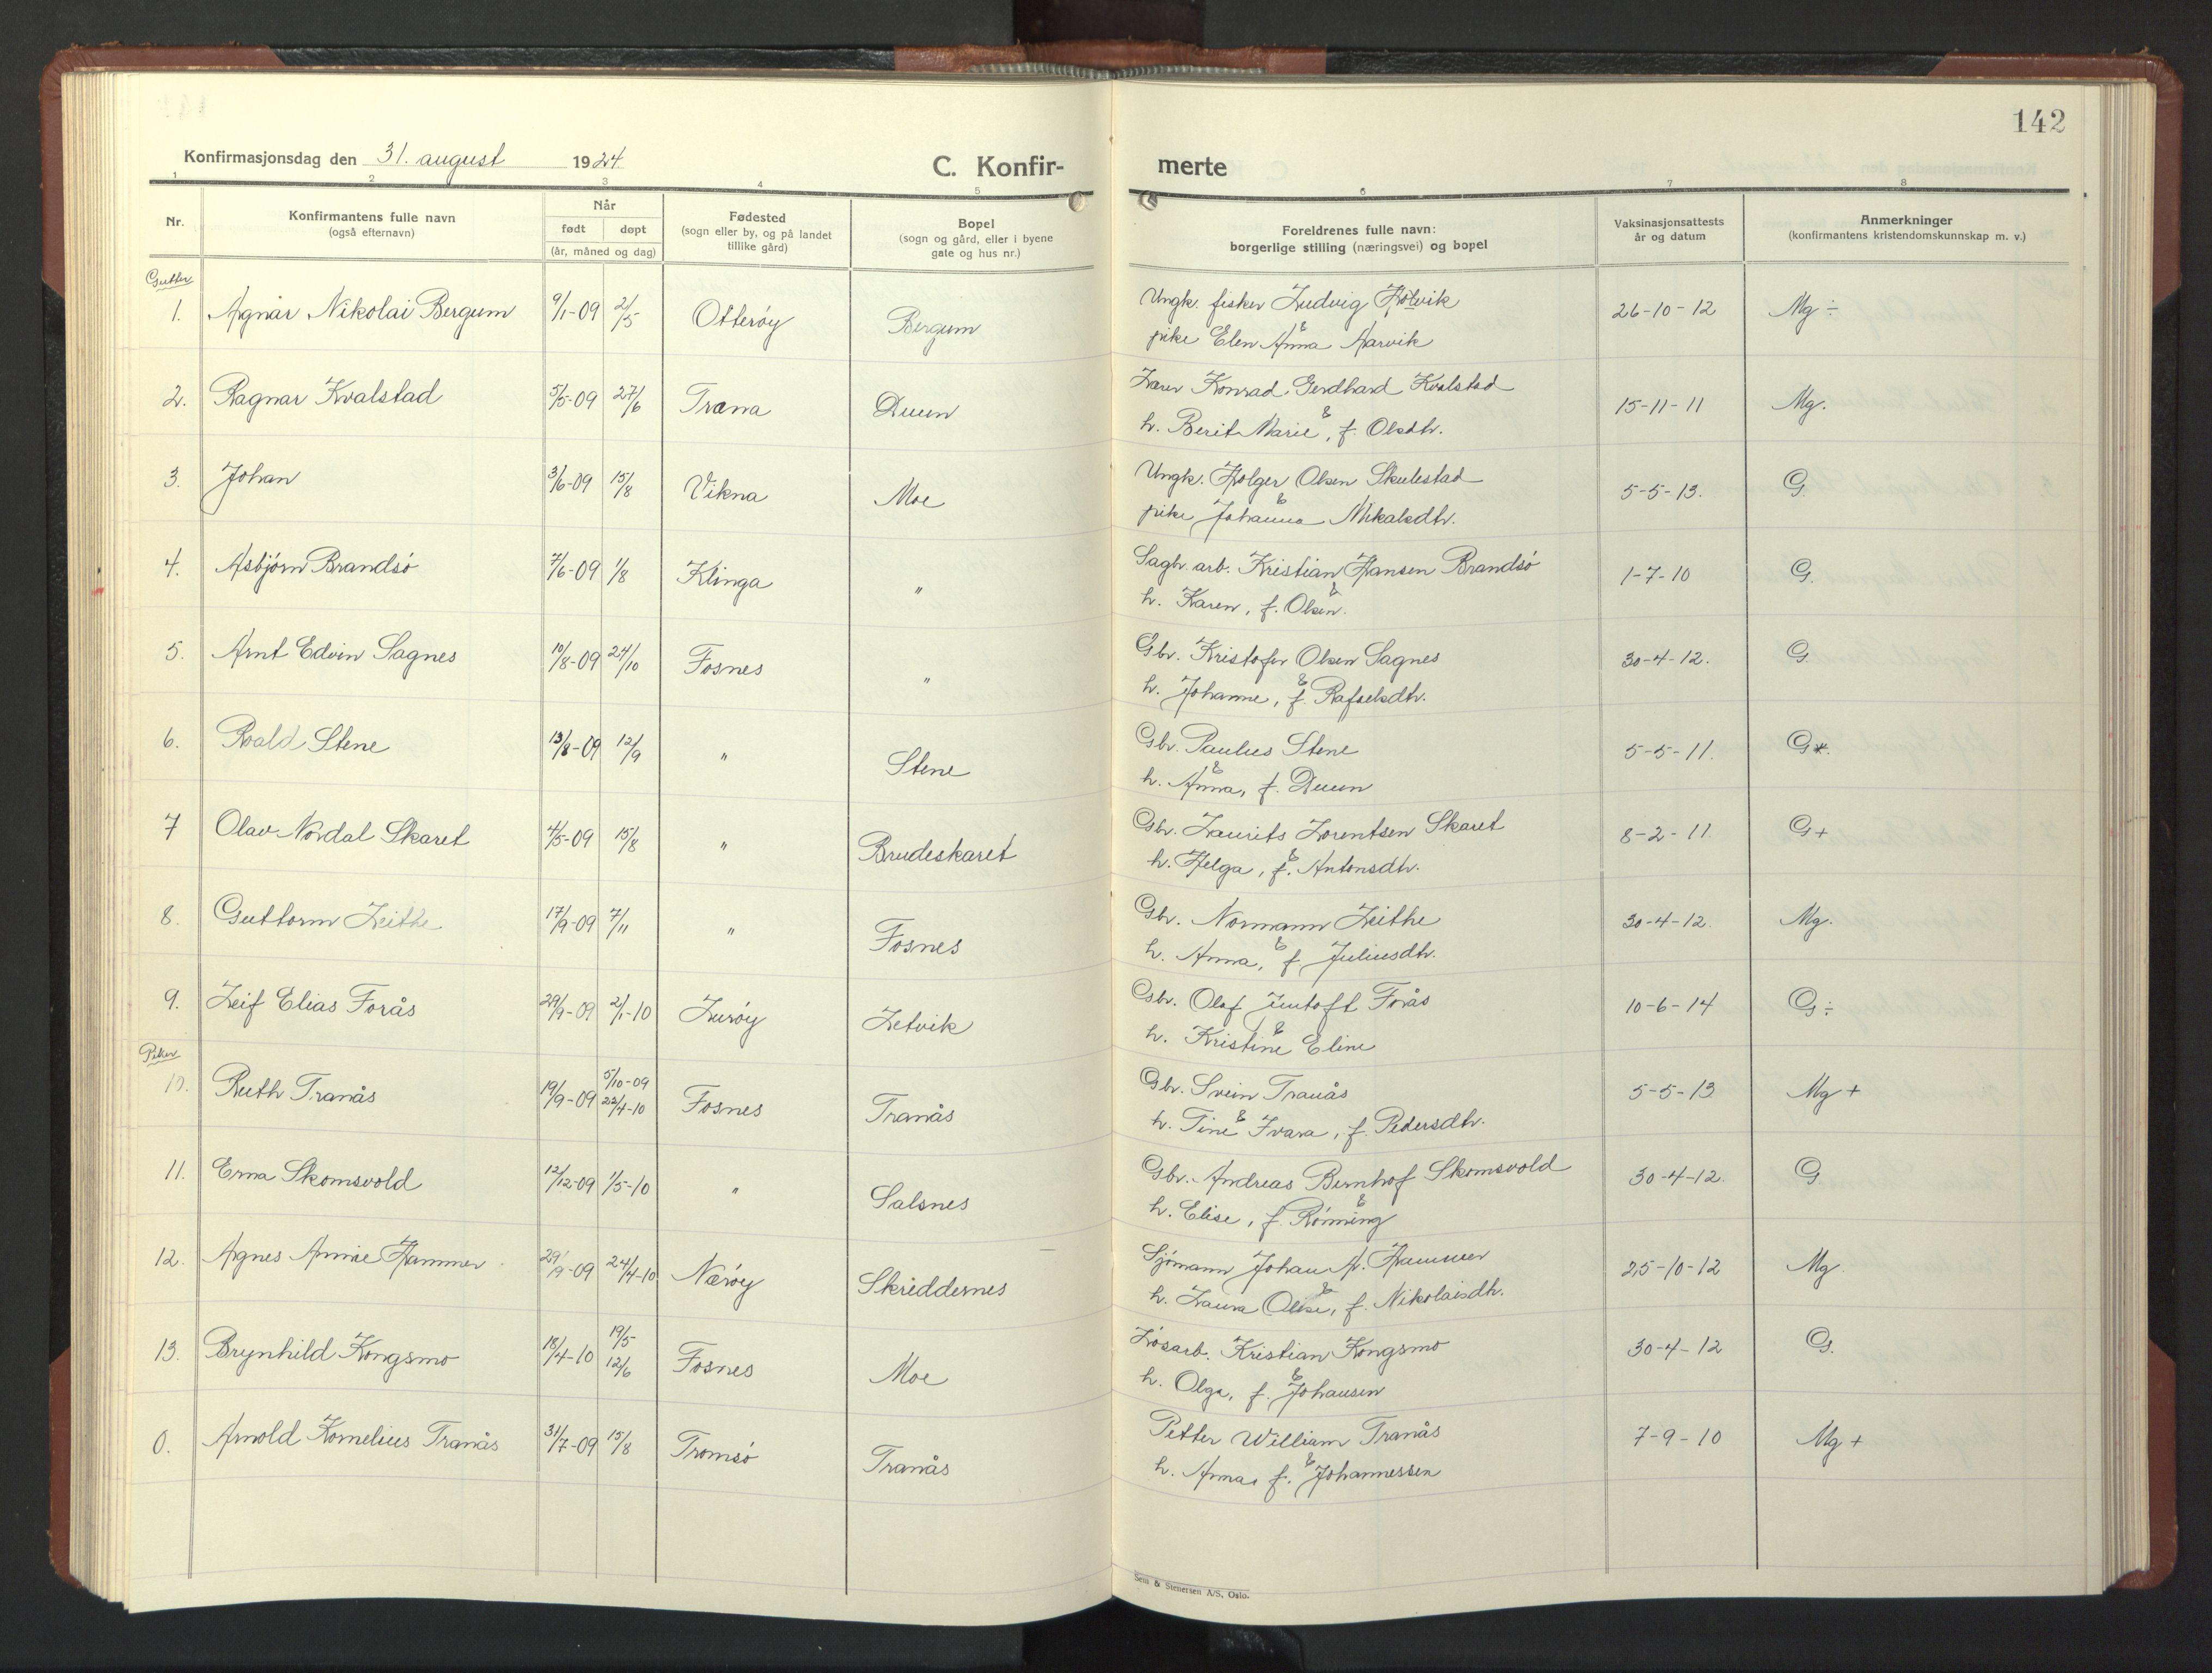 SAT, Ministerialprotokoller, klokkerbøker og fødselsregistre - Nord-Trøndelag, 773/L0625: Klokkerbok nr. 773C01, 1910-1952, s. 142